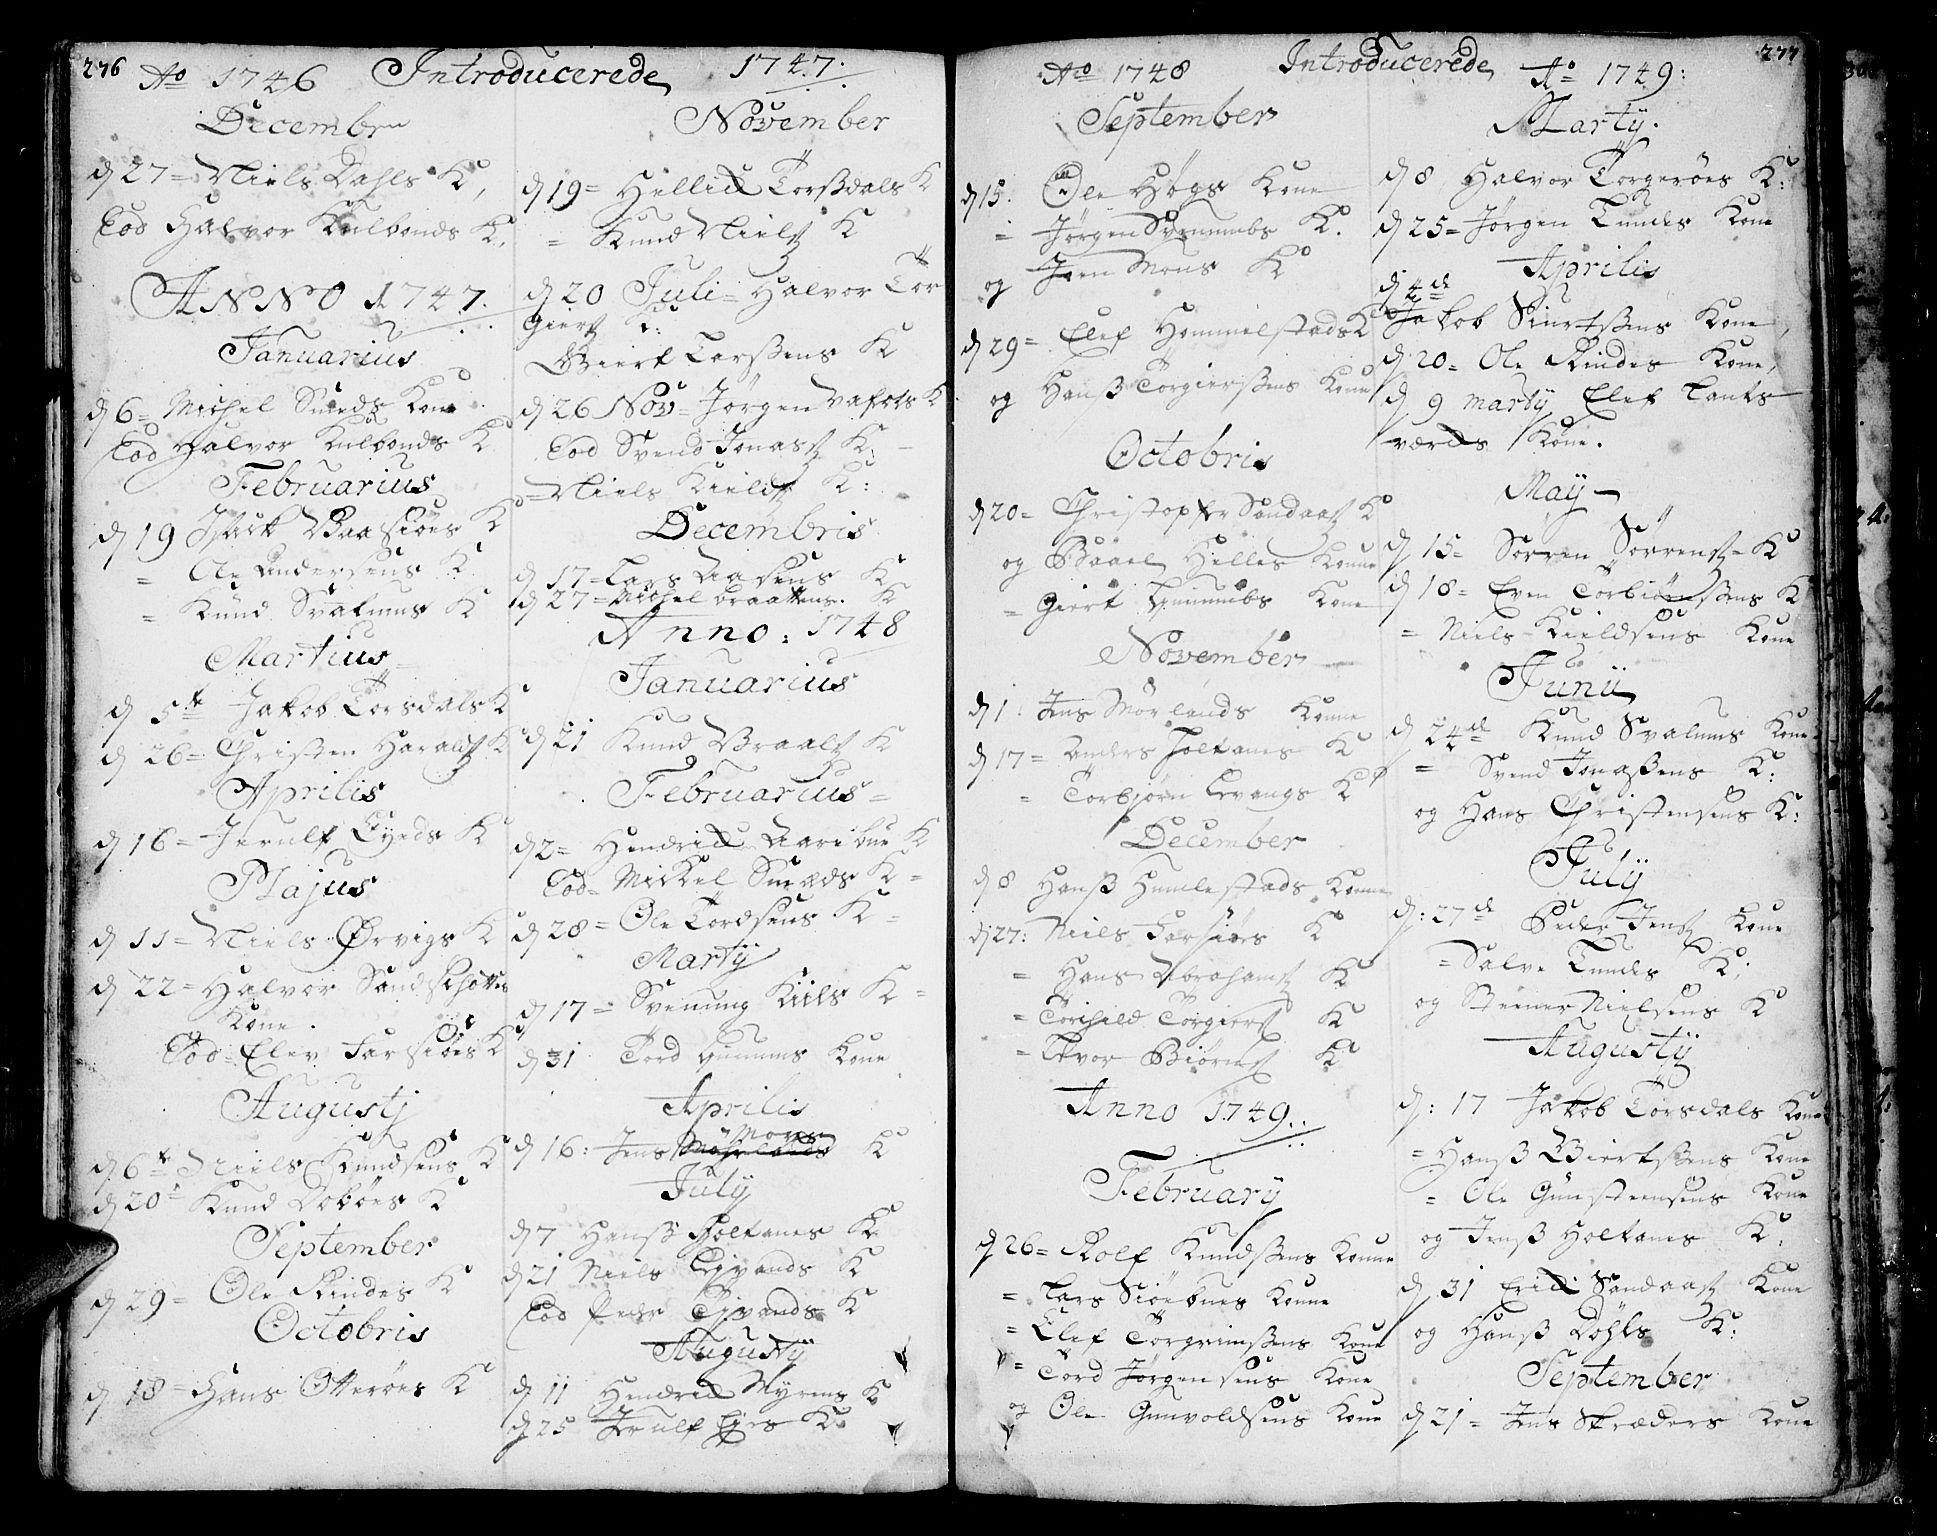 SAKO, Sannidal kirkebøker, F/Fa/L0001: Ministerialbok nr. 1, 1702-1766, s. 276-277